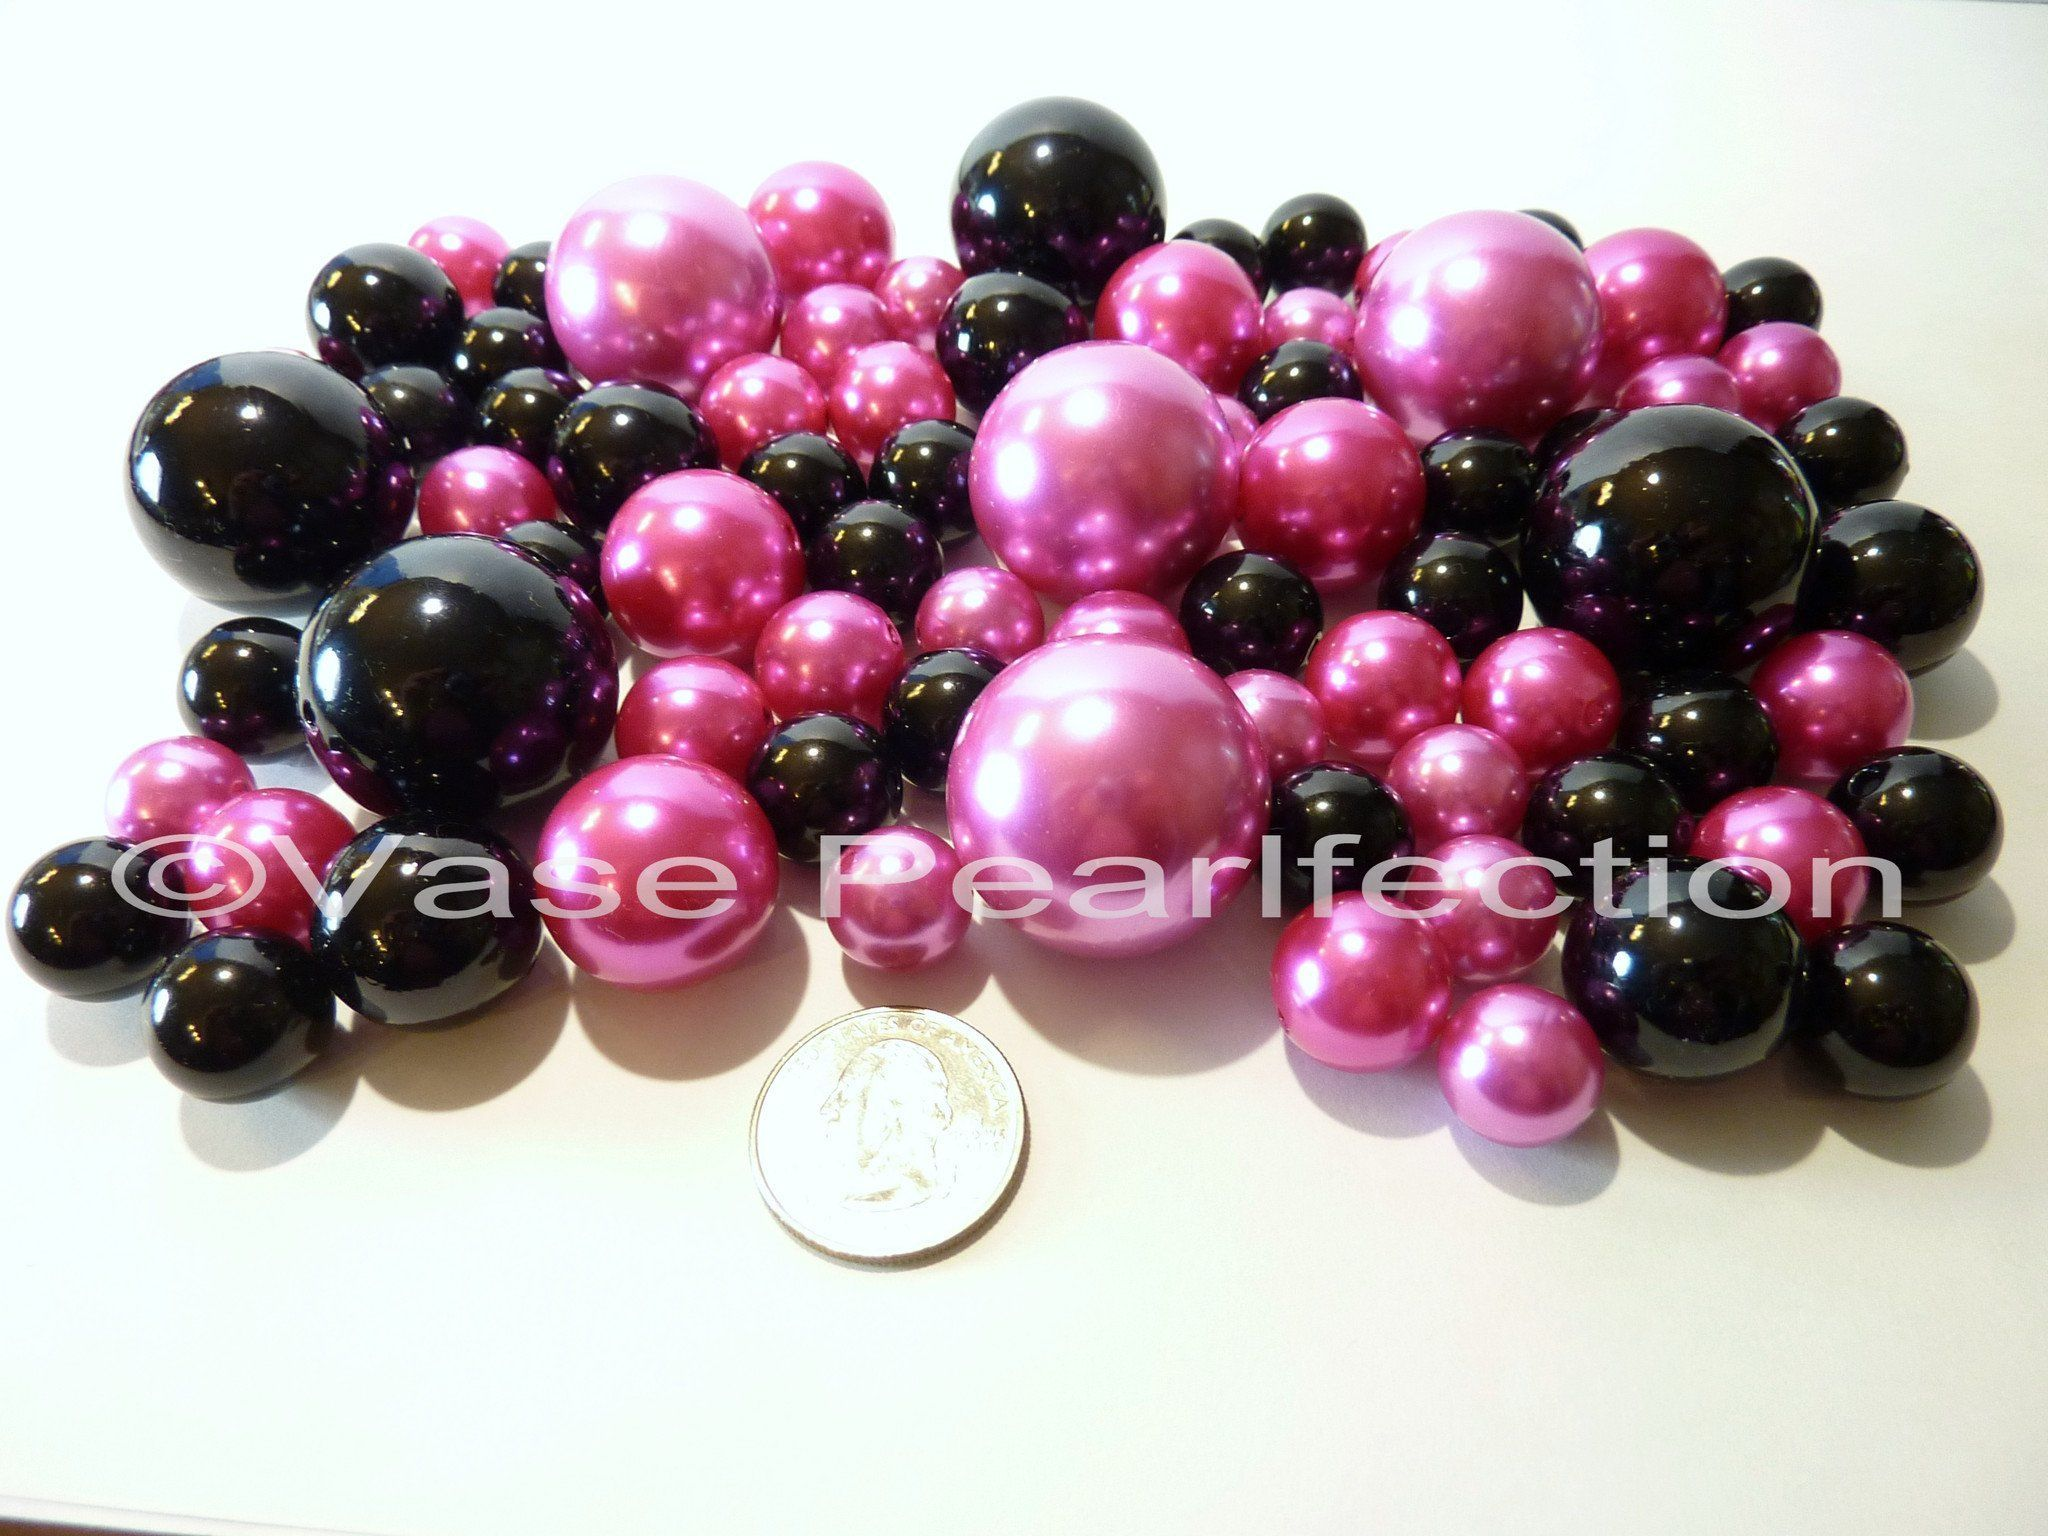 Valentine hot pinkfuchsia and black jumbo assorted sizes pearls valentine hot pinkfuchsia and black jumbo assorted sizes pearls vase fillers reviewsmspy